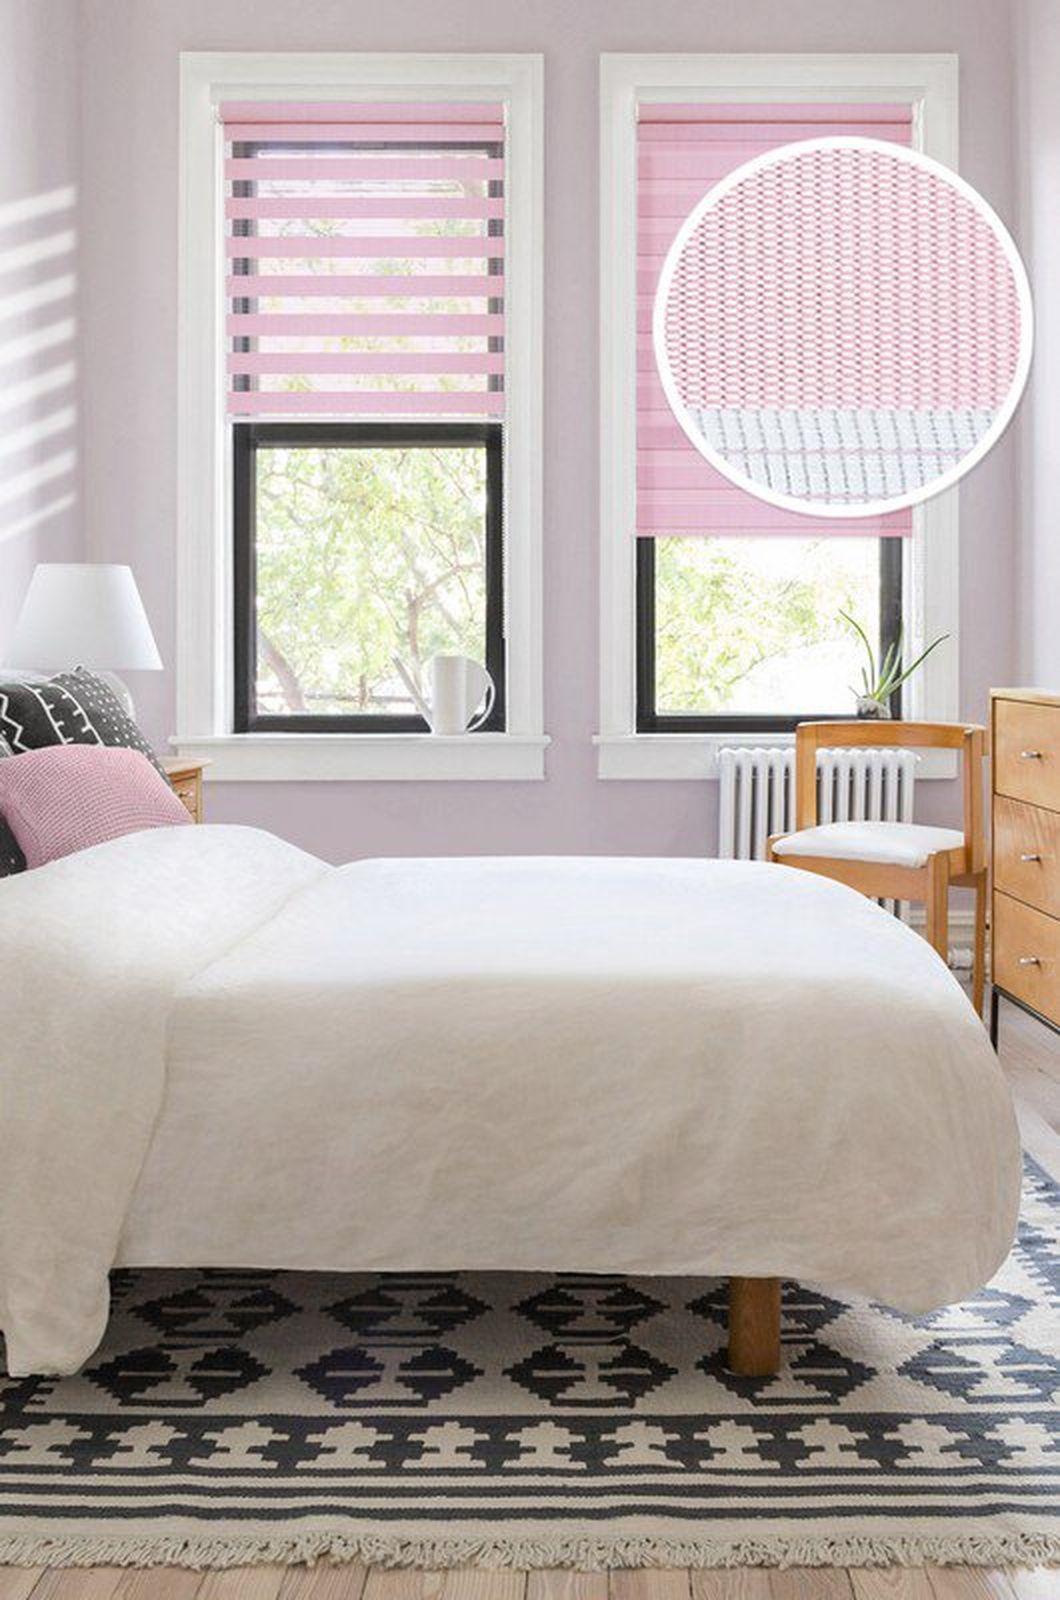 Миниролло Эскар День-Ночь, розовый, 73х170 см шторы рулонные ролло идея рулонная штора ролло lux satin терракот 60 см